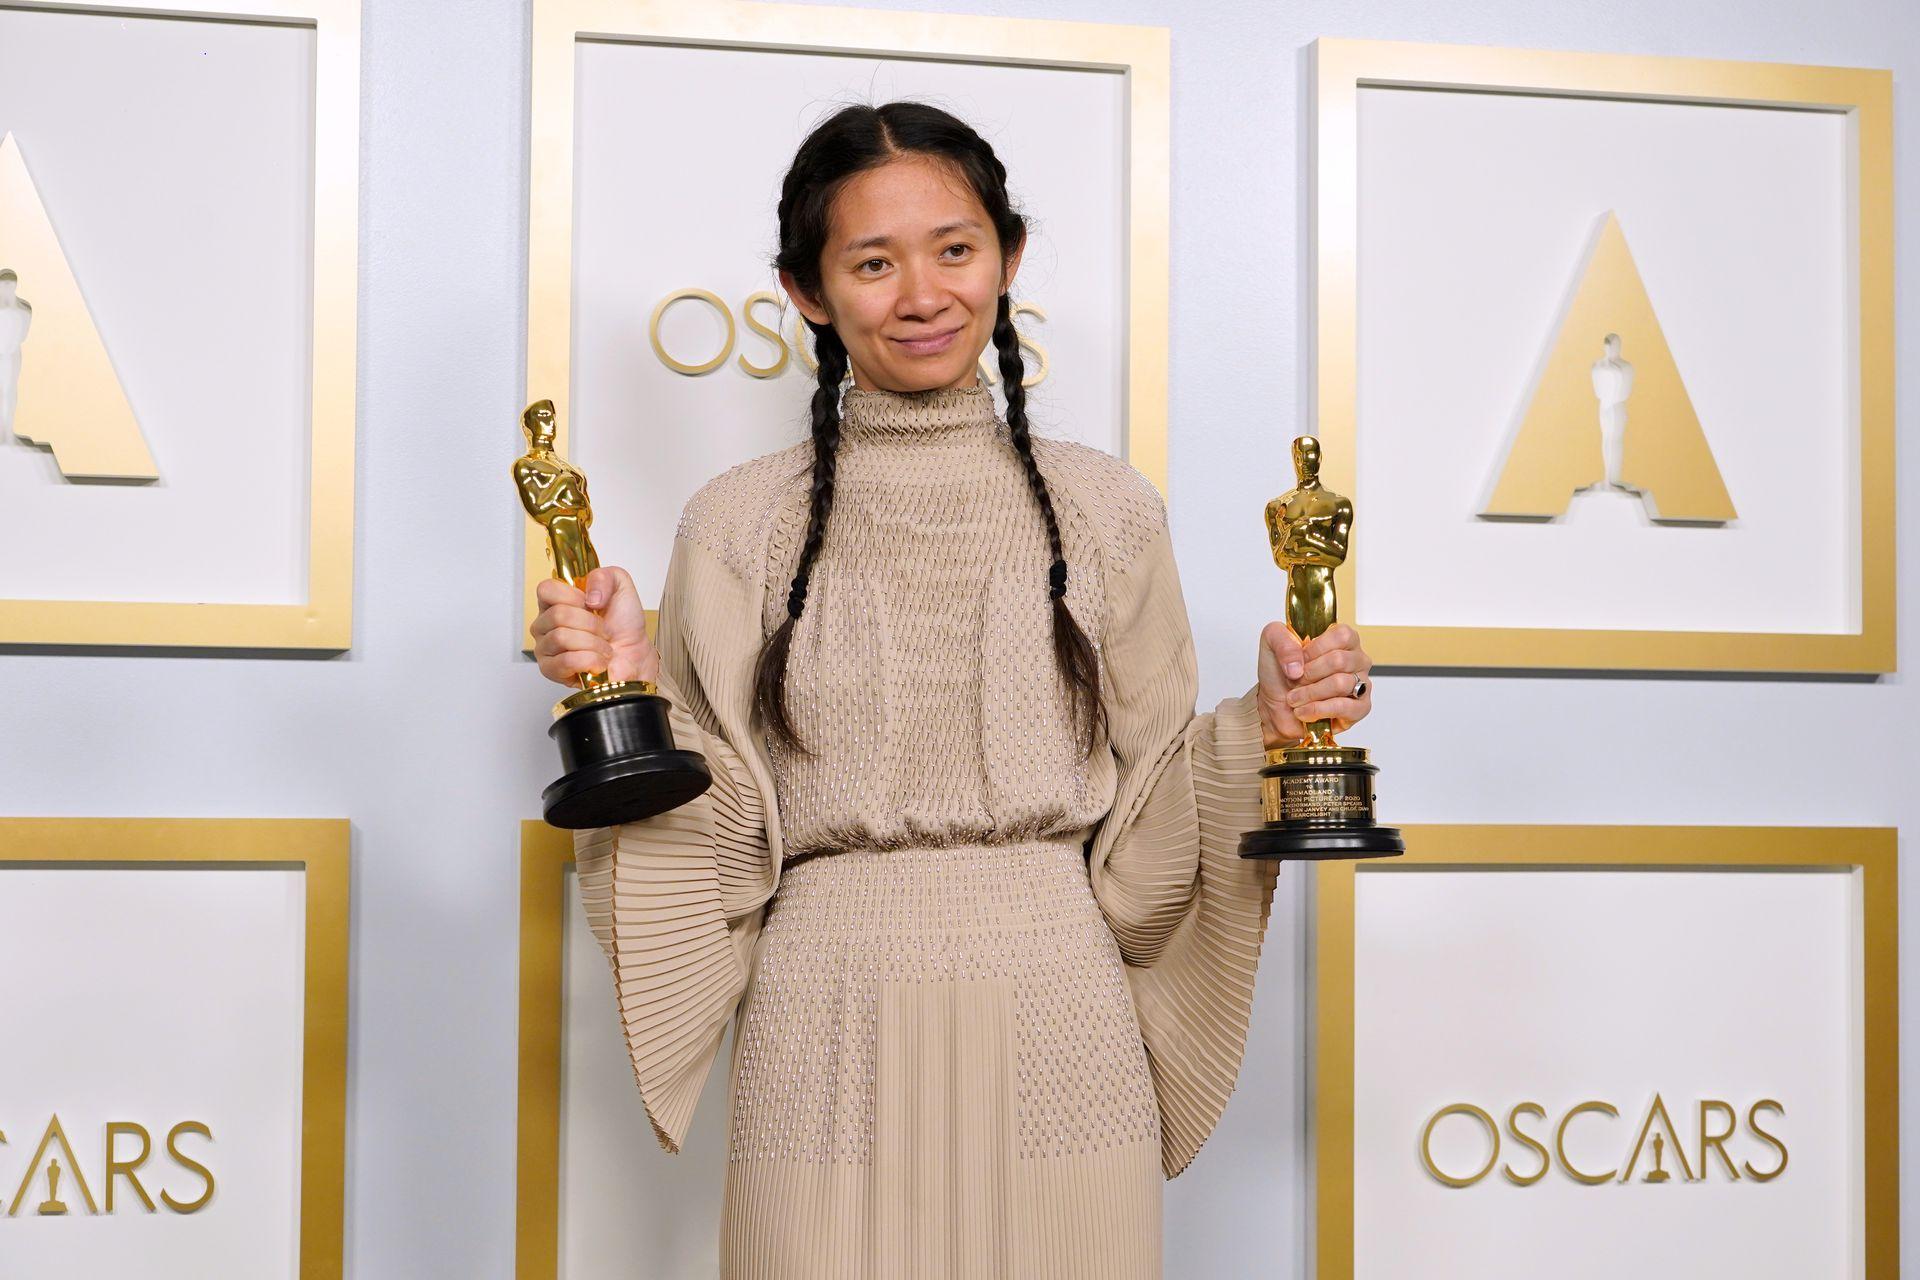 赵婷获奖对亚洲女性在好莱坞的象征意义(图)